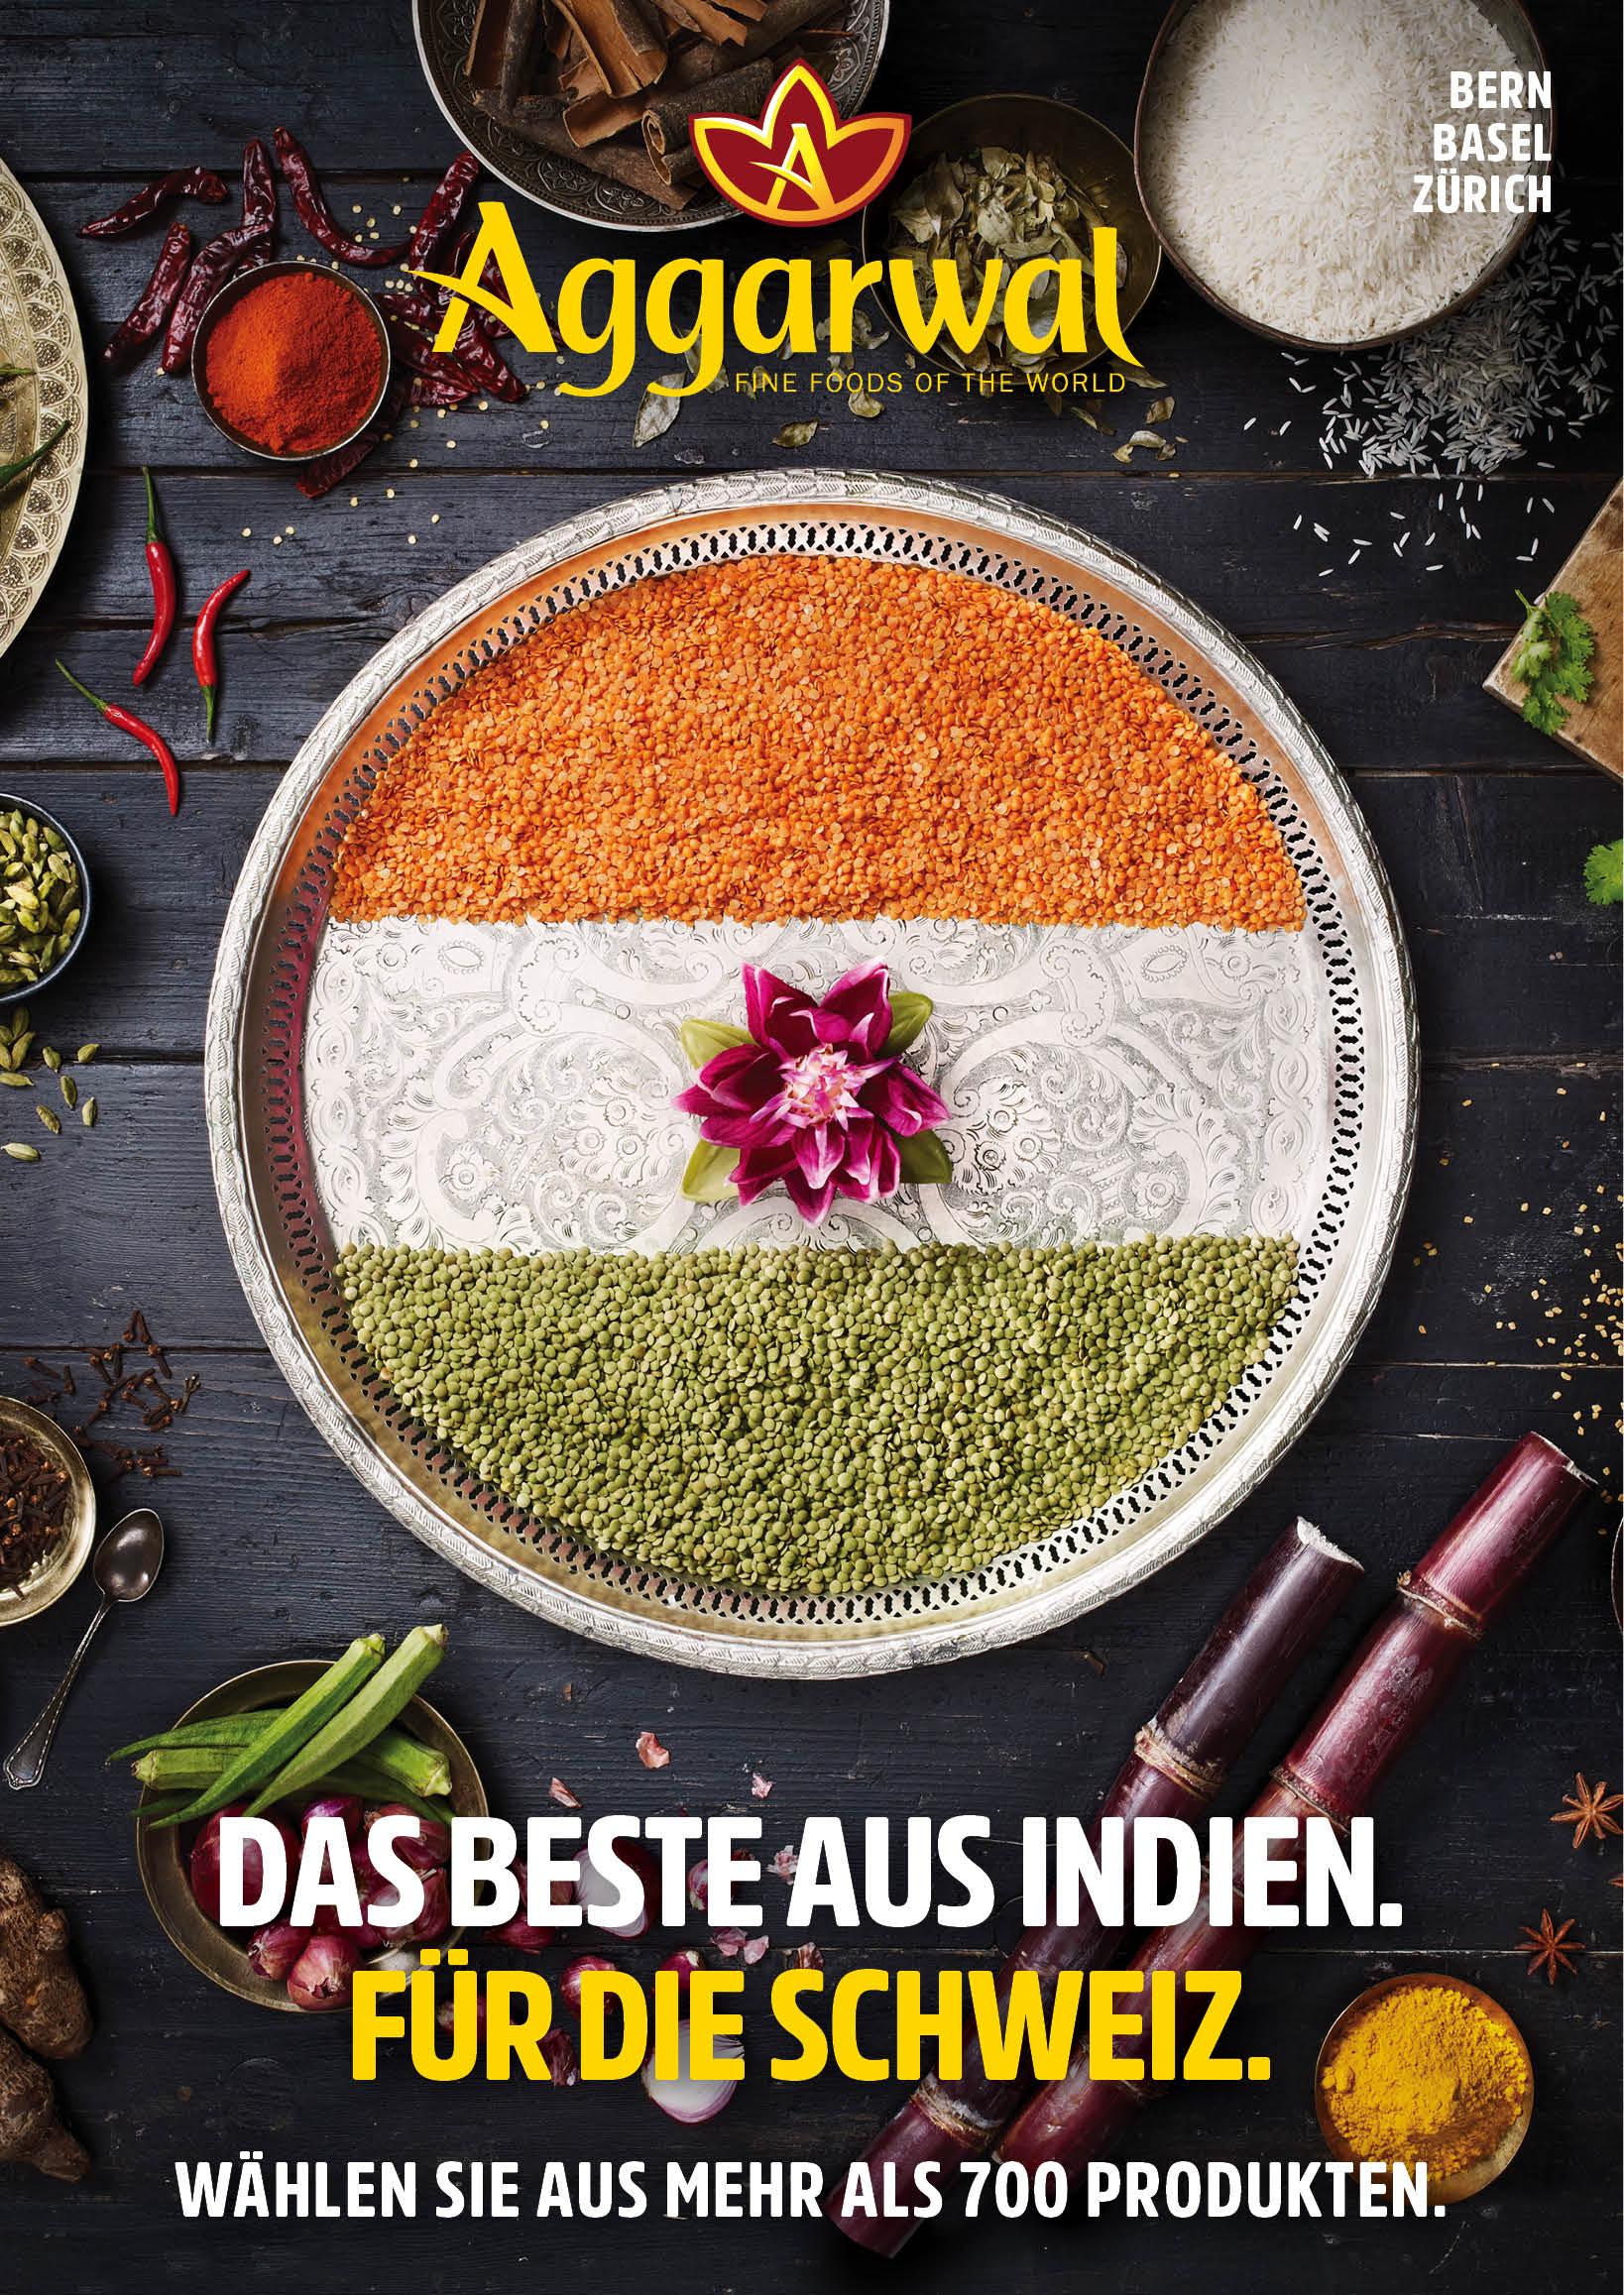 Aggarwal_india